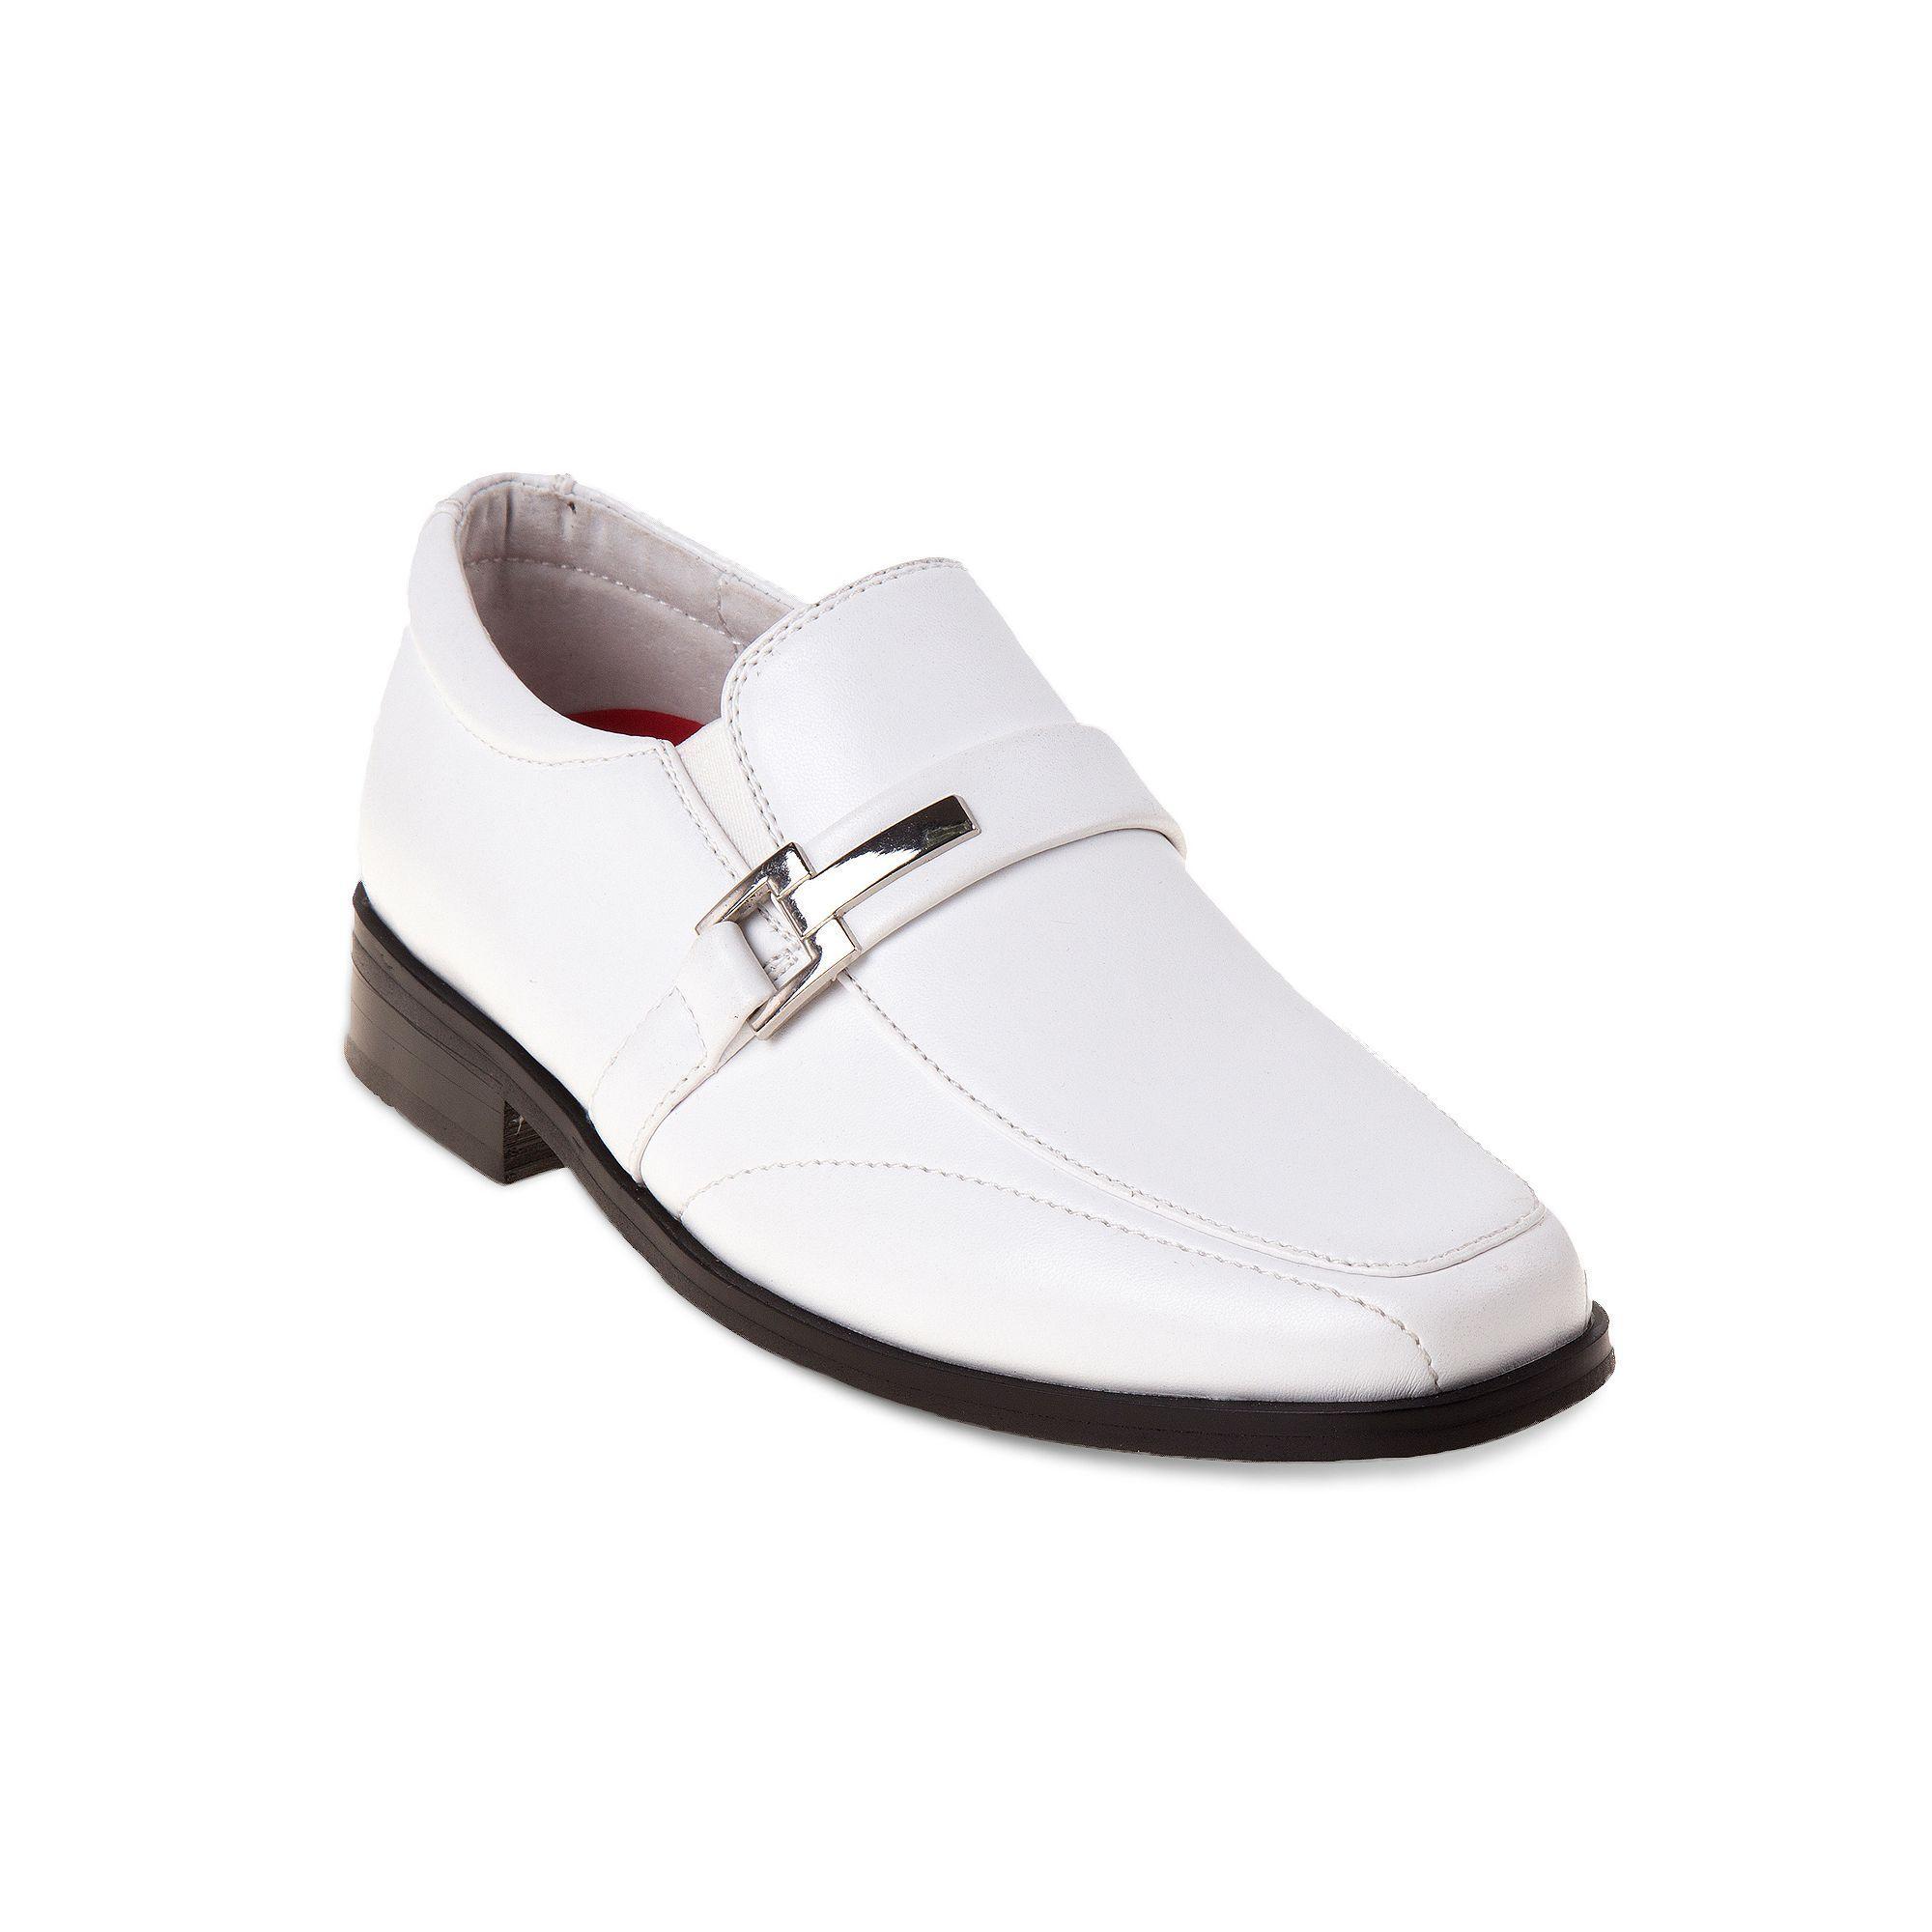 Joseph Allen Toddler Boys  Slip-On Dress Shoes 188c0ae09